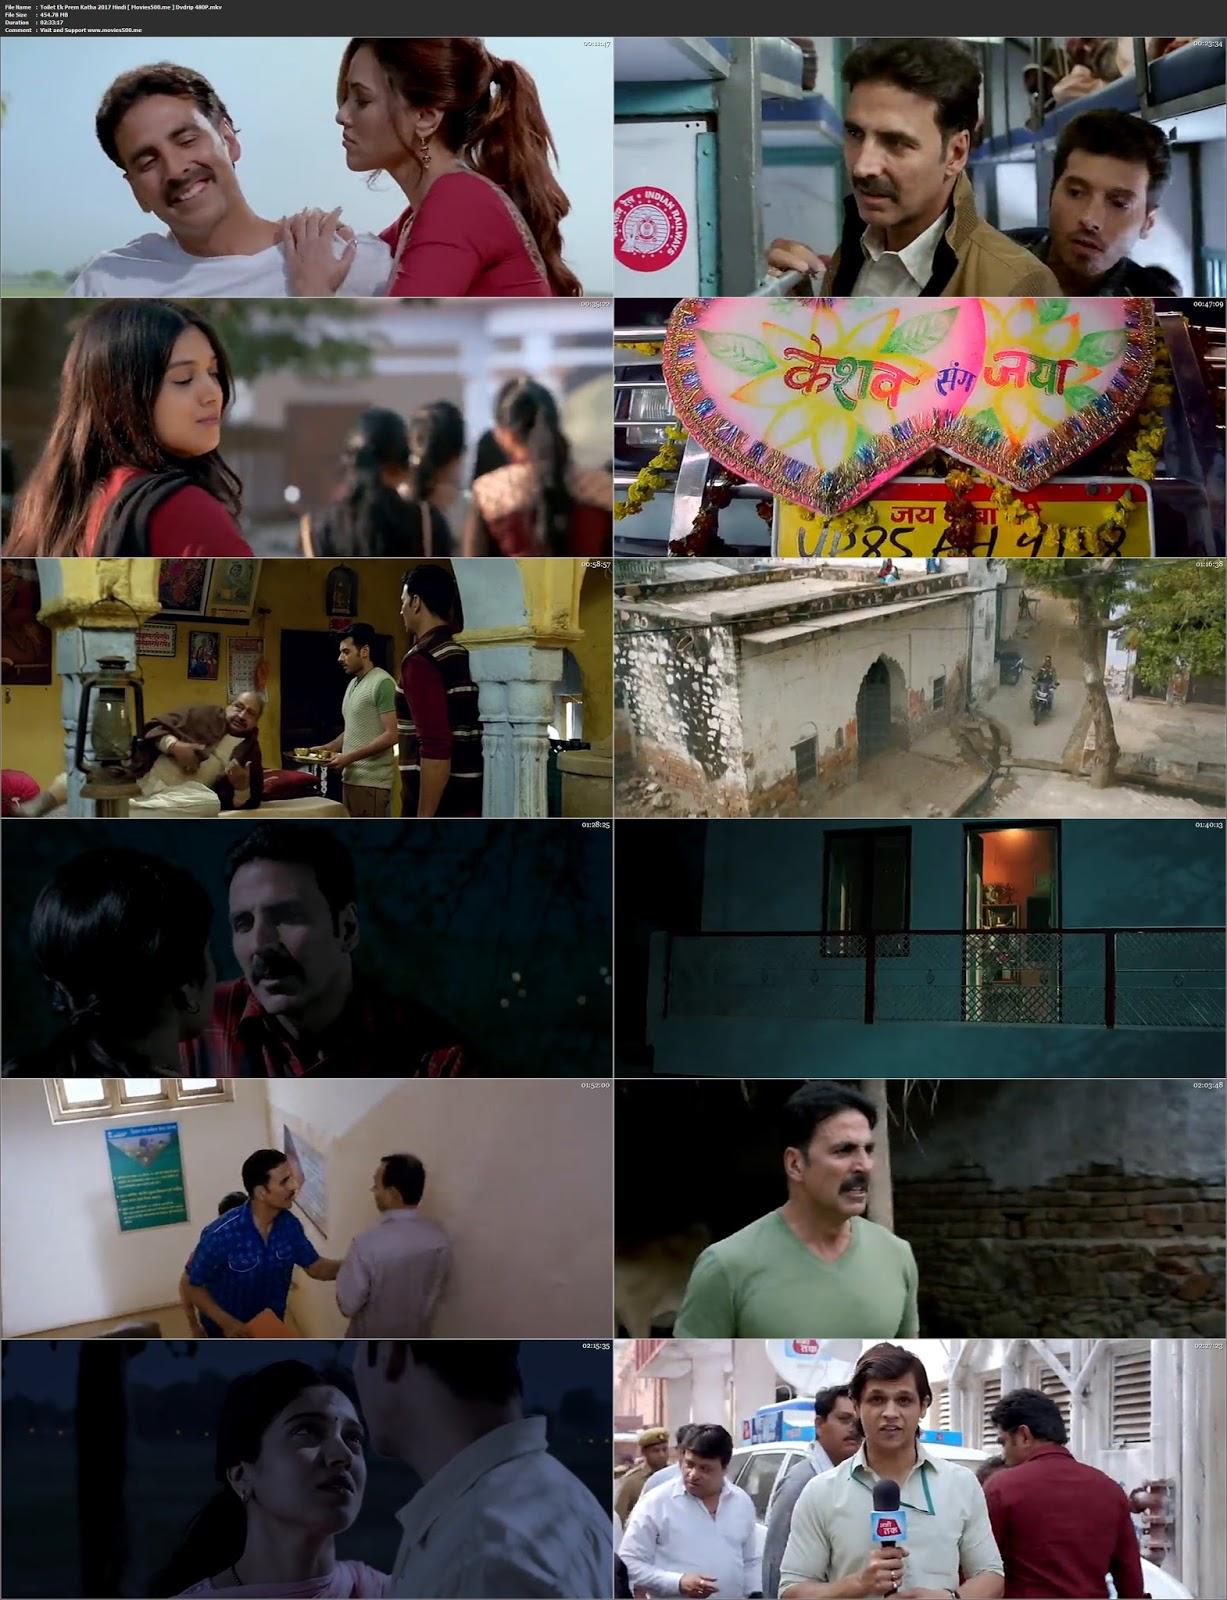 Toilet Ek Prem Katha 2017 Hindi 270MB Mobile Download at freedomcopy.com